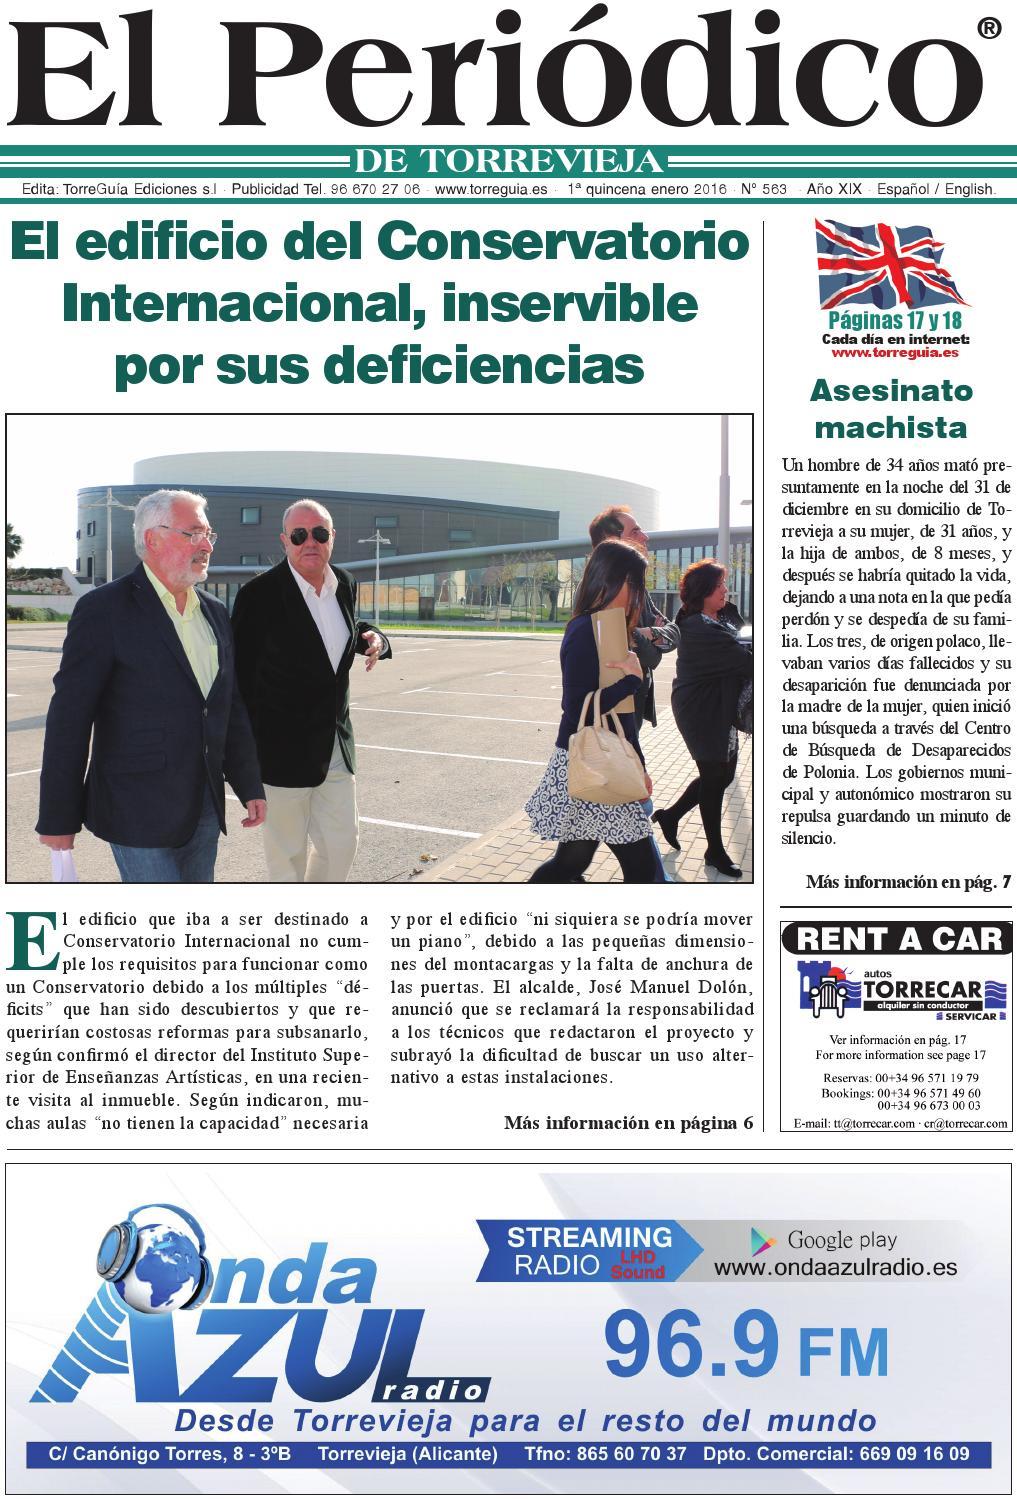 El Periódico de Torrevieja nº563 by Torreguía Ediciones - issuu